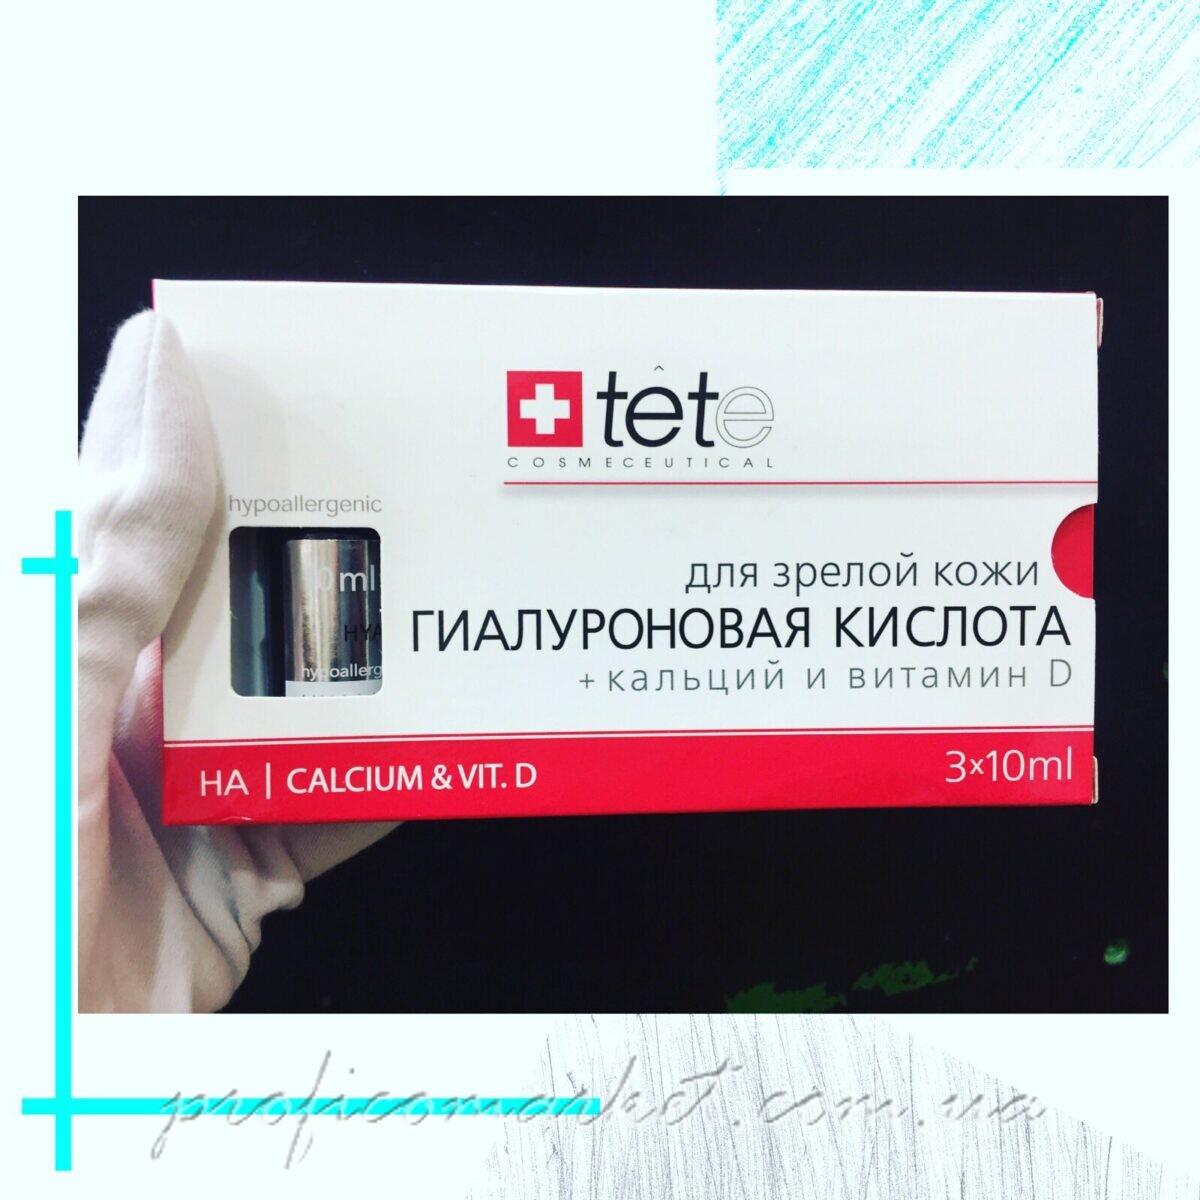 https://www.proficomarket.com.ua/shop/tete-cosmeceuticaltete/syivorotka-gialuronovaya-kislota-anti/